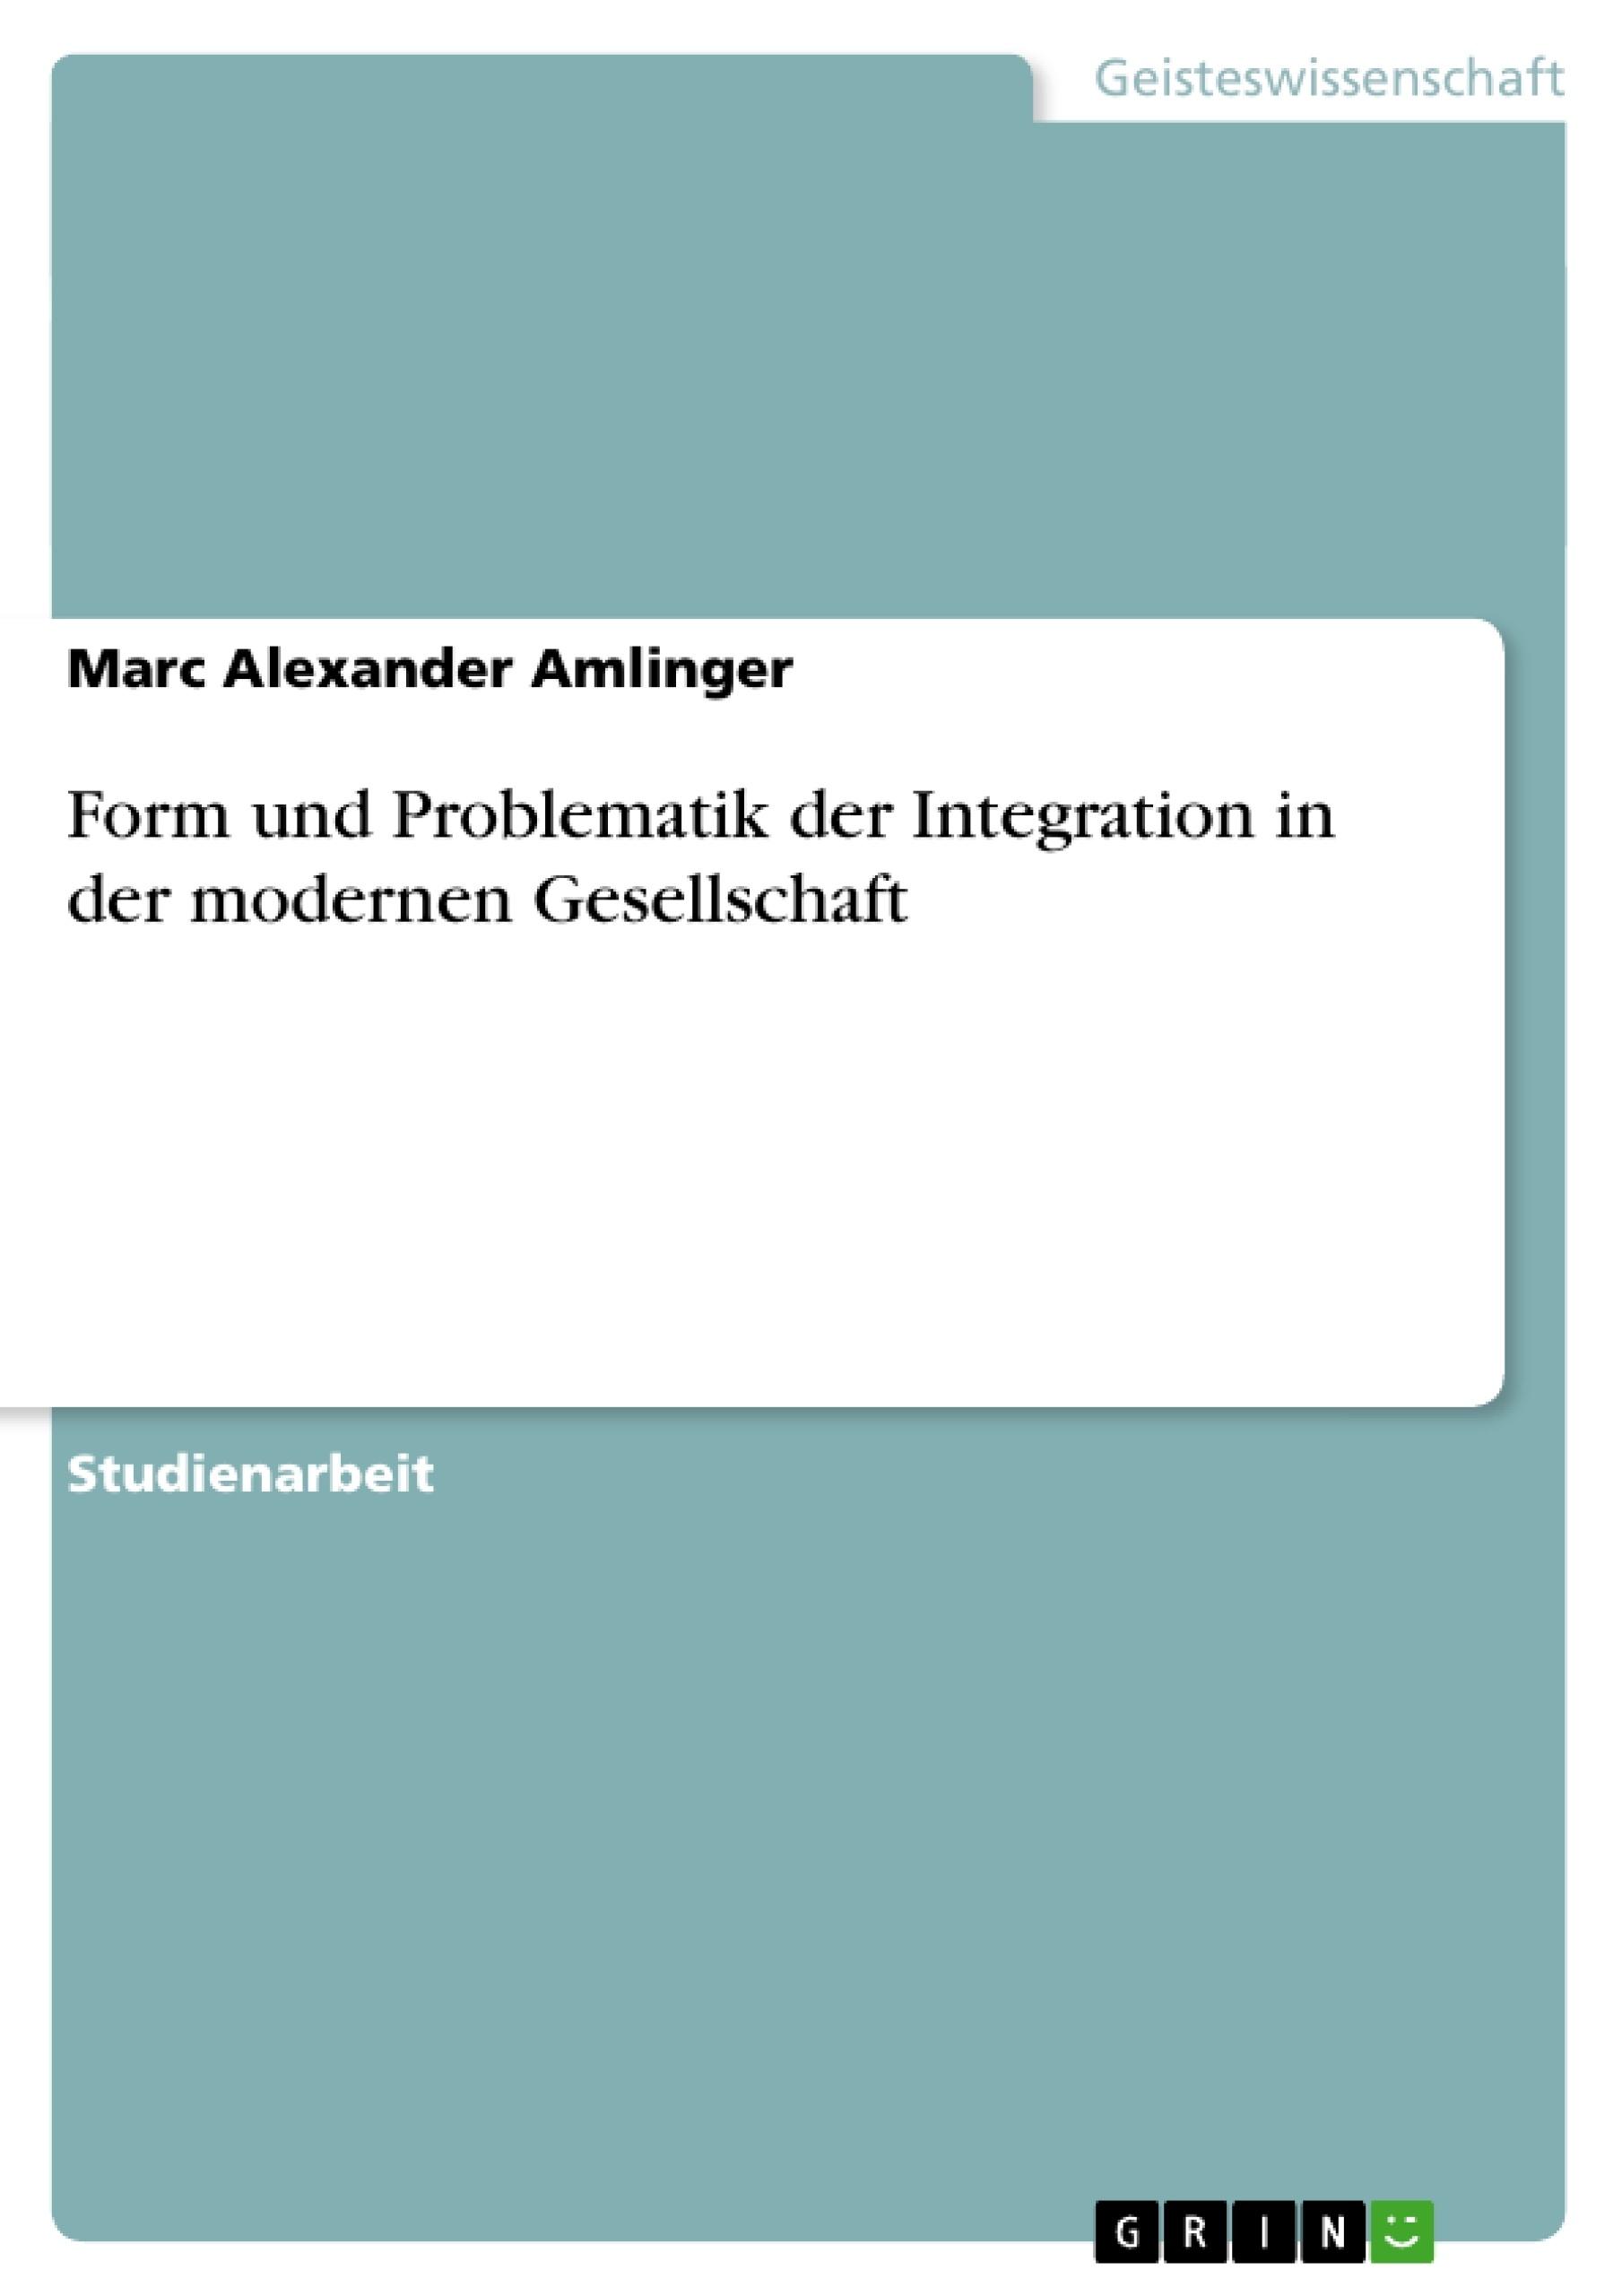 Titel: Form und Problematik der Integration in der modernen Gesellschaft